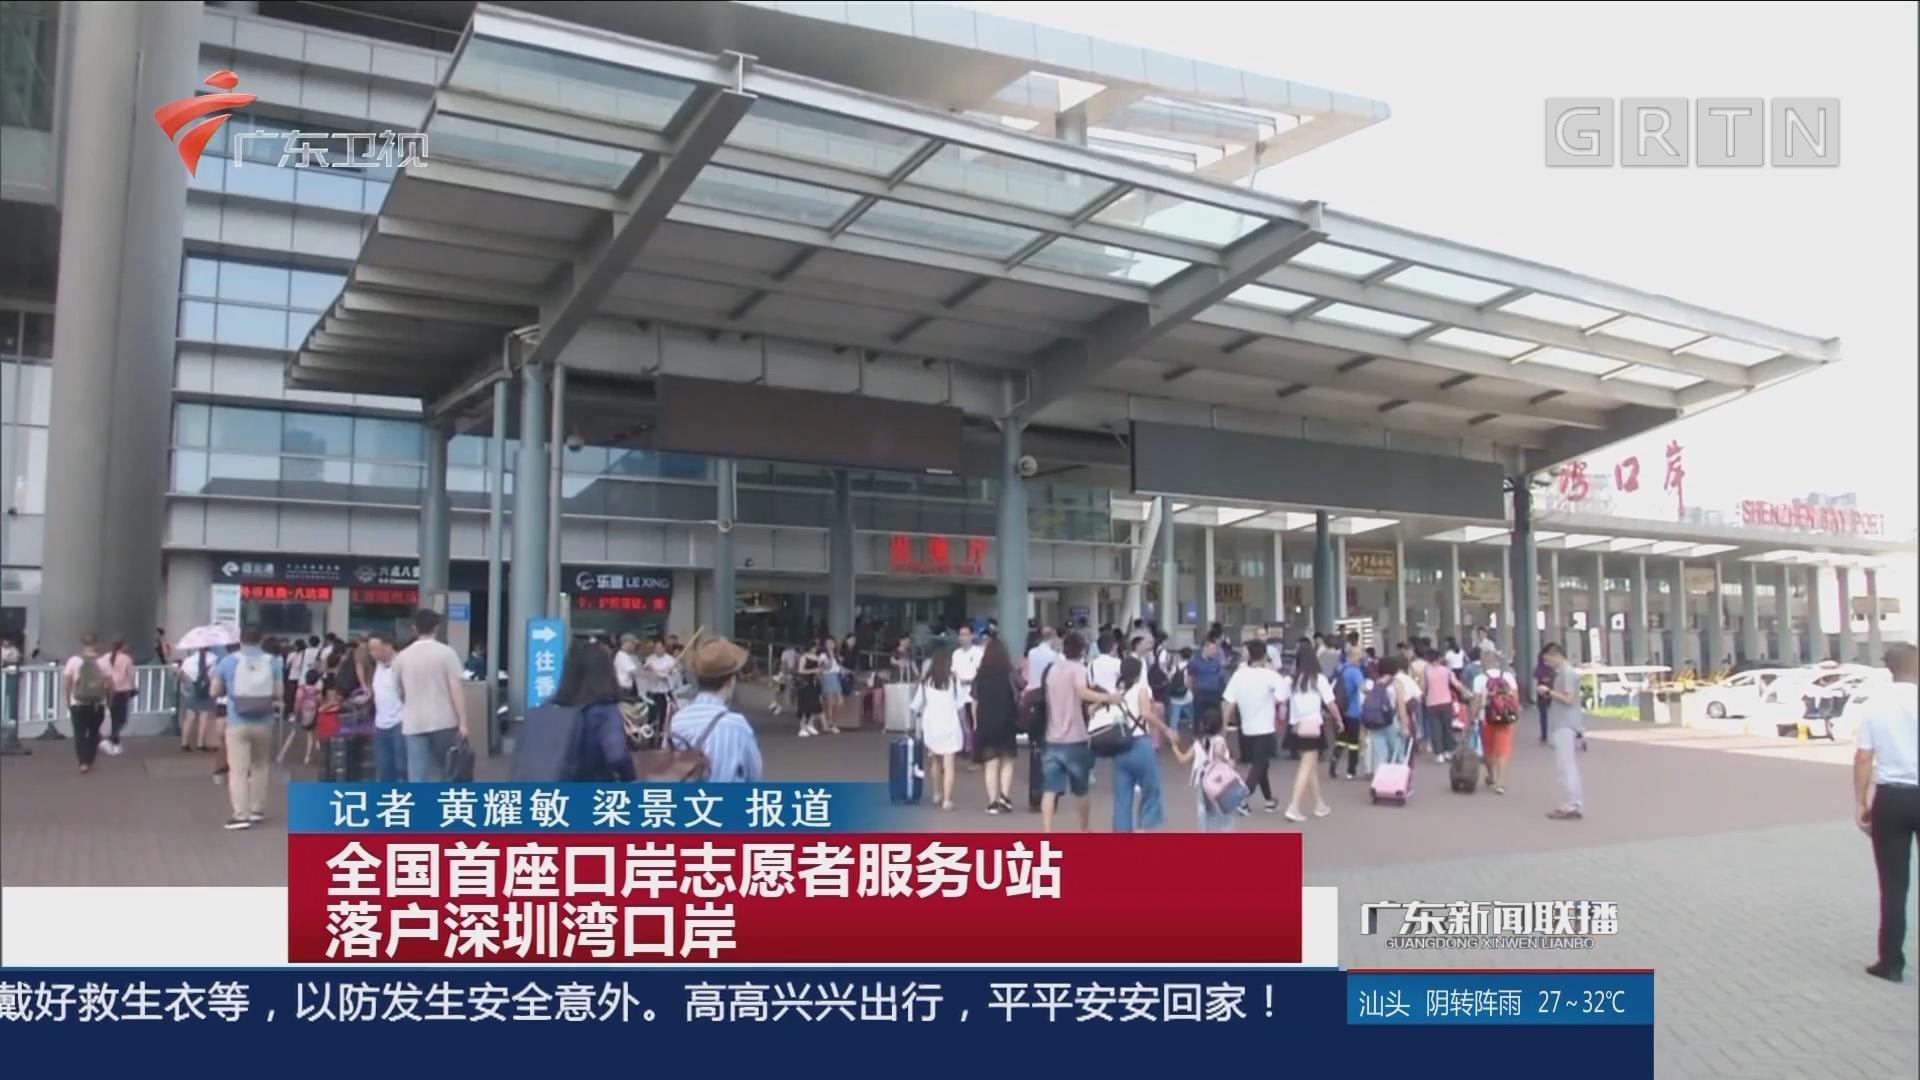 全国首座口岸志愿者服务U站落户深圳湾口岸